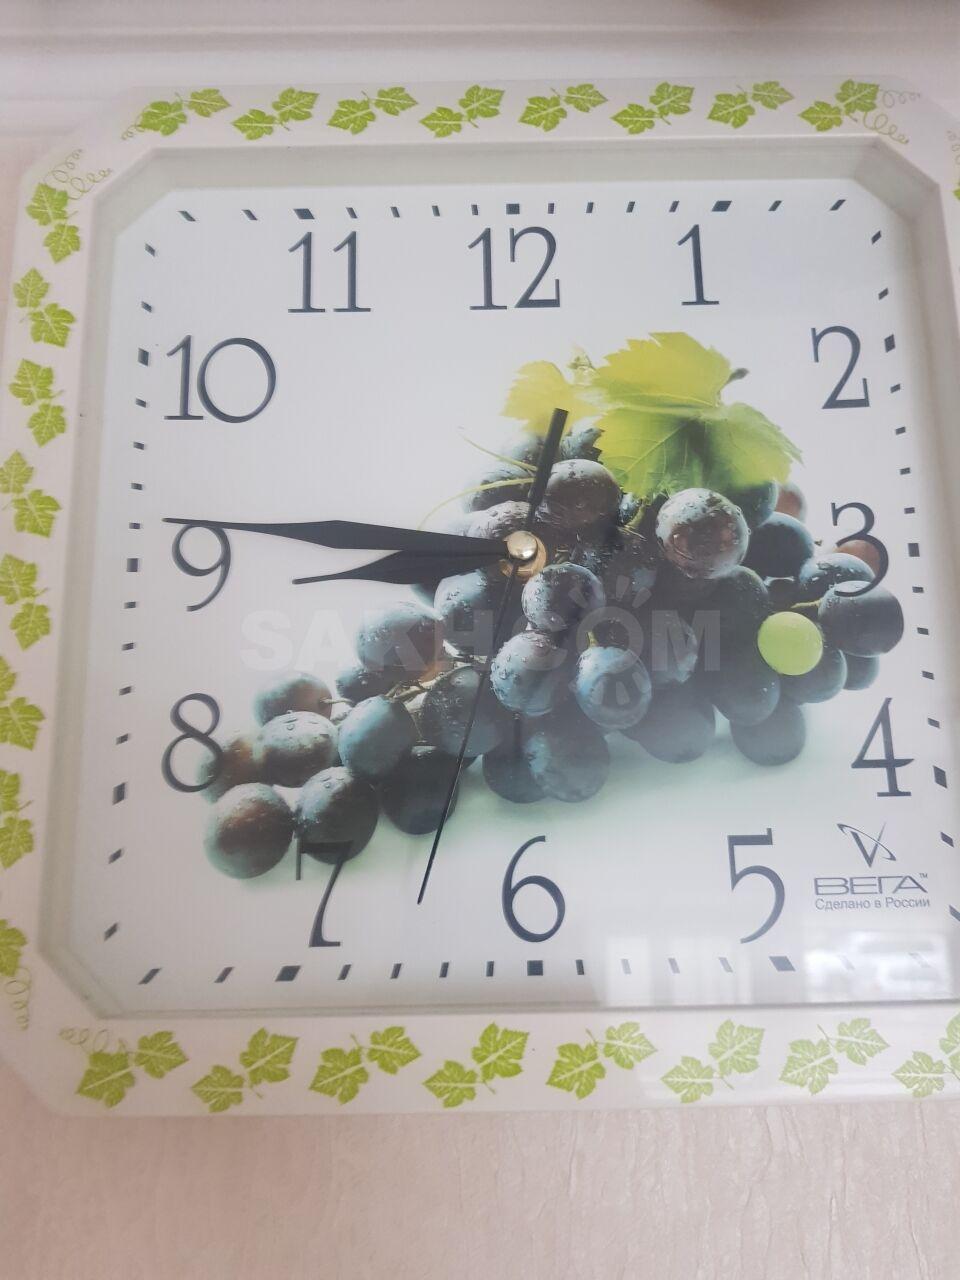 200 рублей часы продам санкт ломбард петербурге в часов